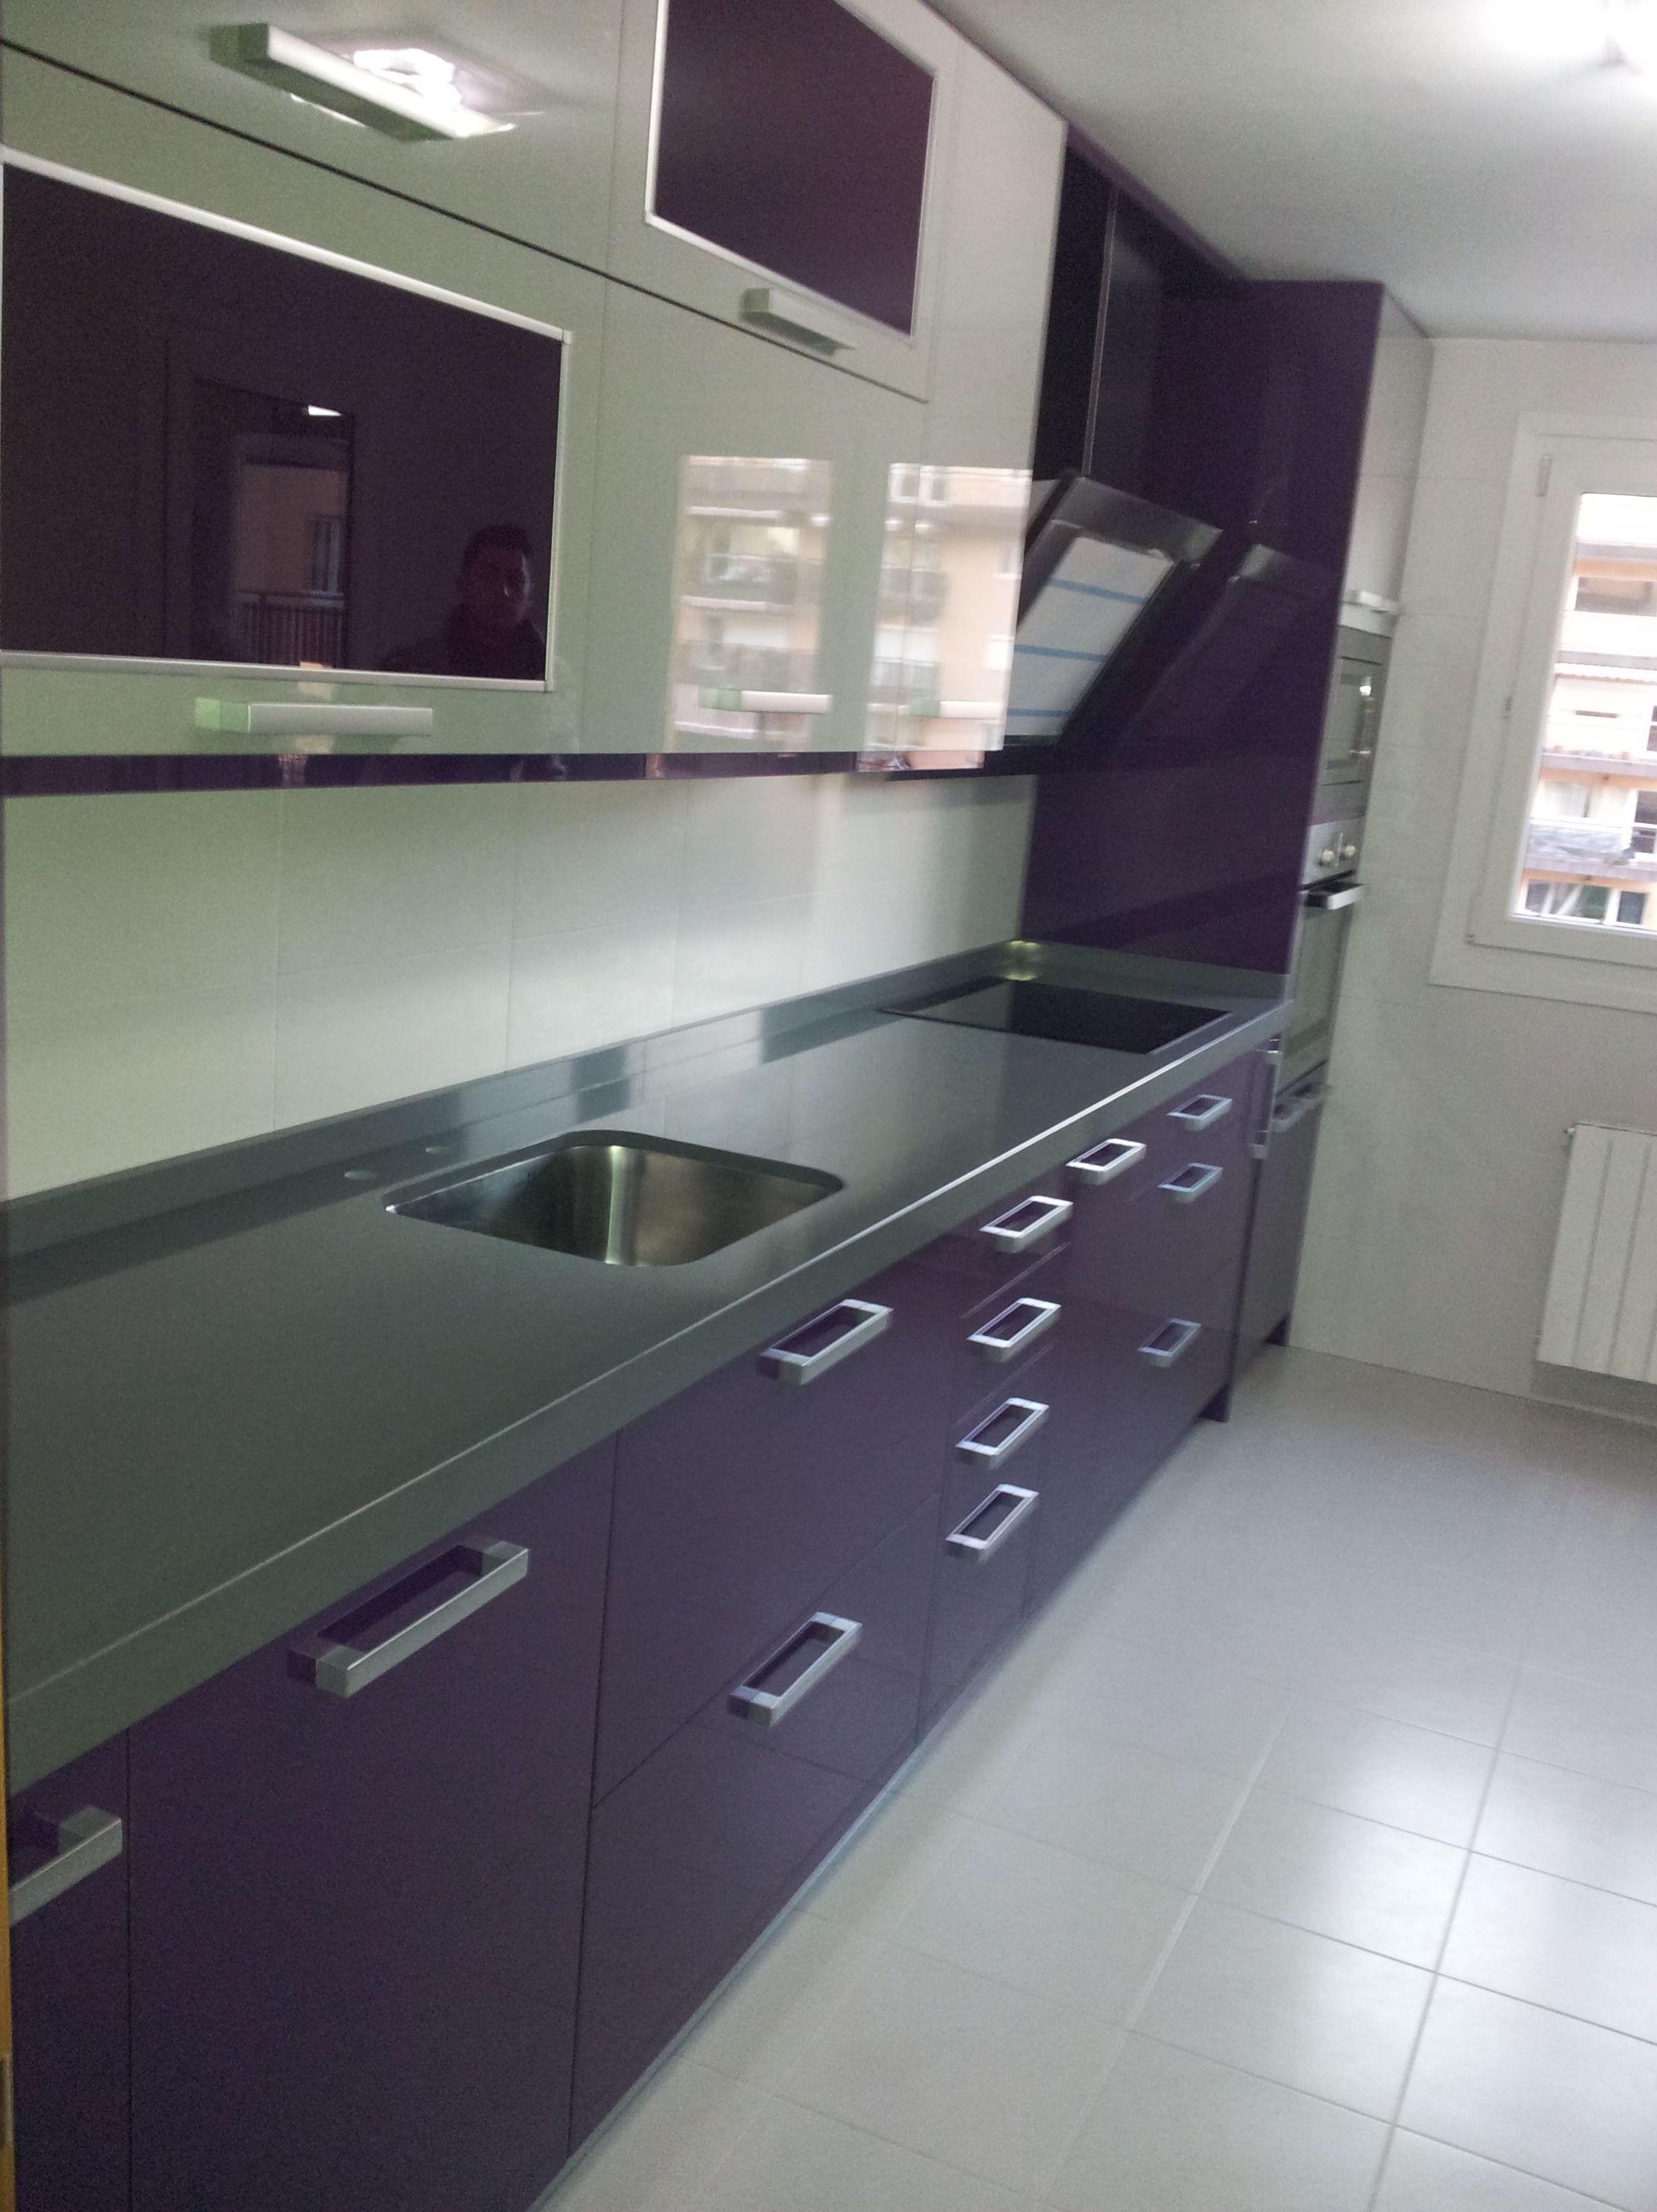 Cocina en estratificado color purpura y gris con encimera de compac plomo de 2cm con faldon de 6cm